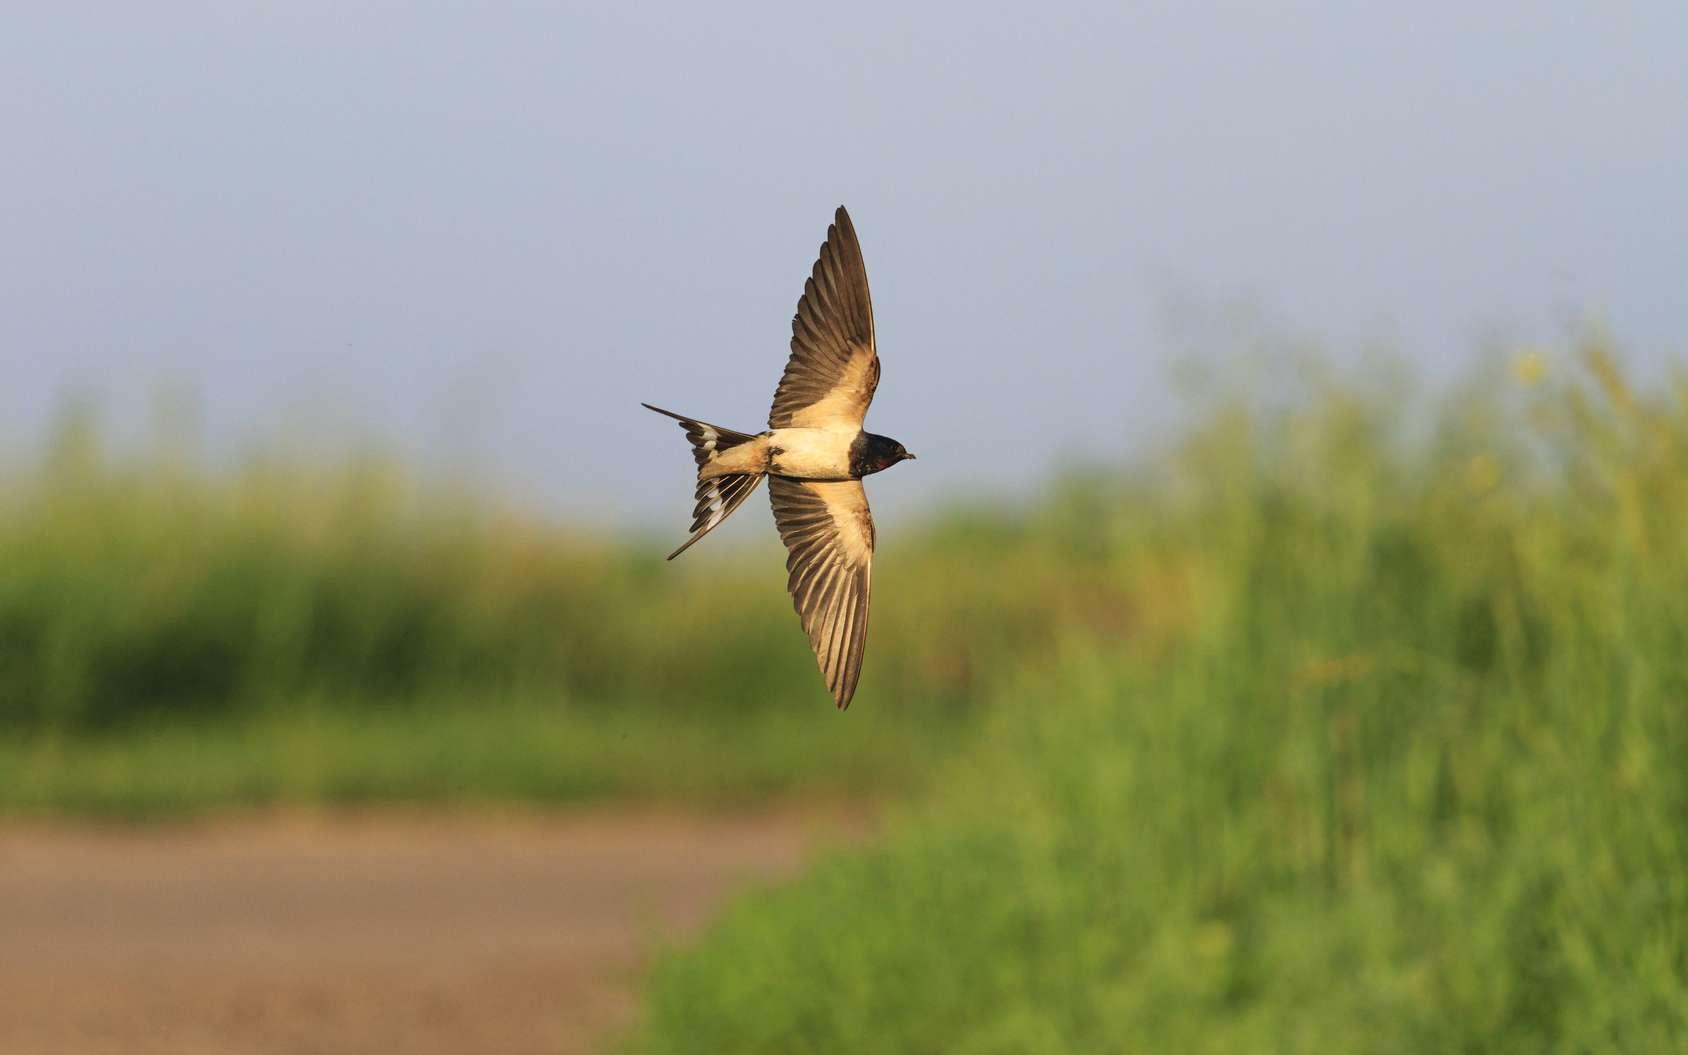 Les hirondelles ne se nourrissent que de moucherons, lesquels disparaissent à mesure que l'utilisation des pesticides augmente. © drakuliren, fotolia